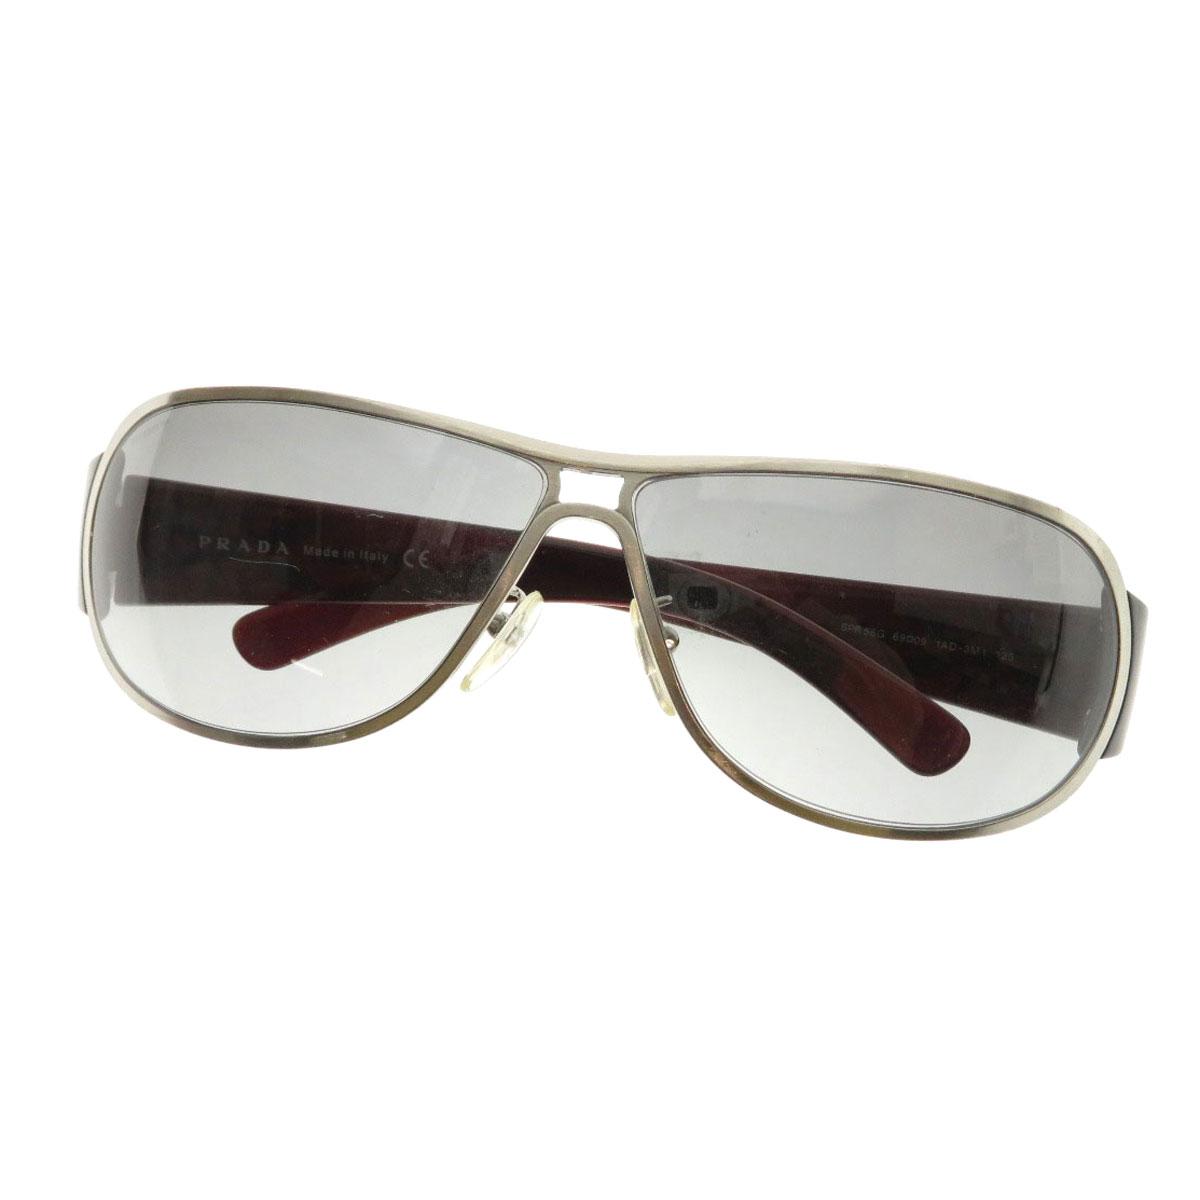 a37a83412ee PRADA  PRADA  Sunglasses Platstic Men ー The best place to buy ...